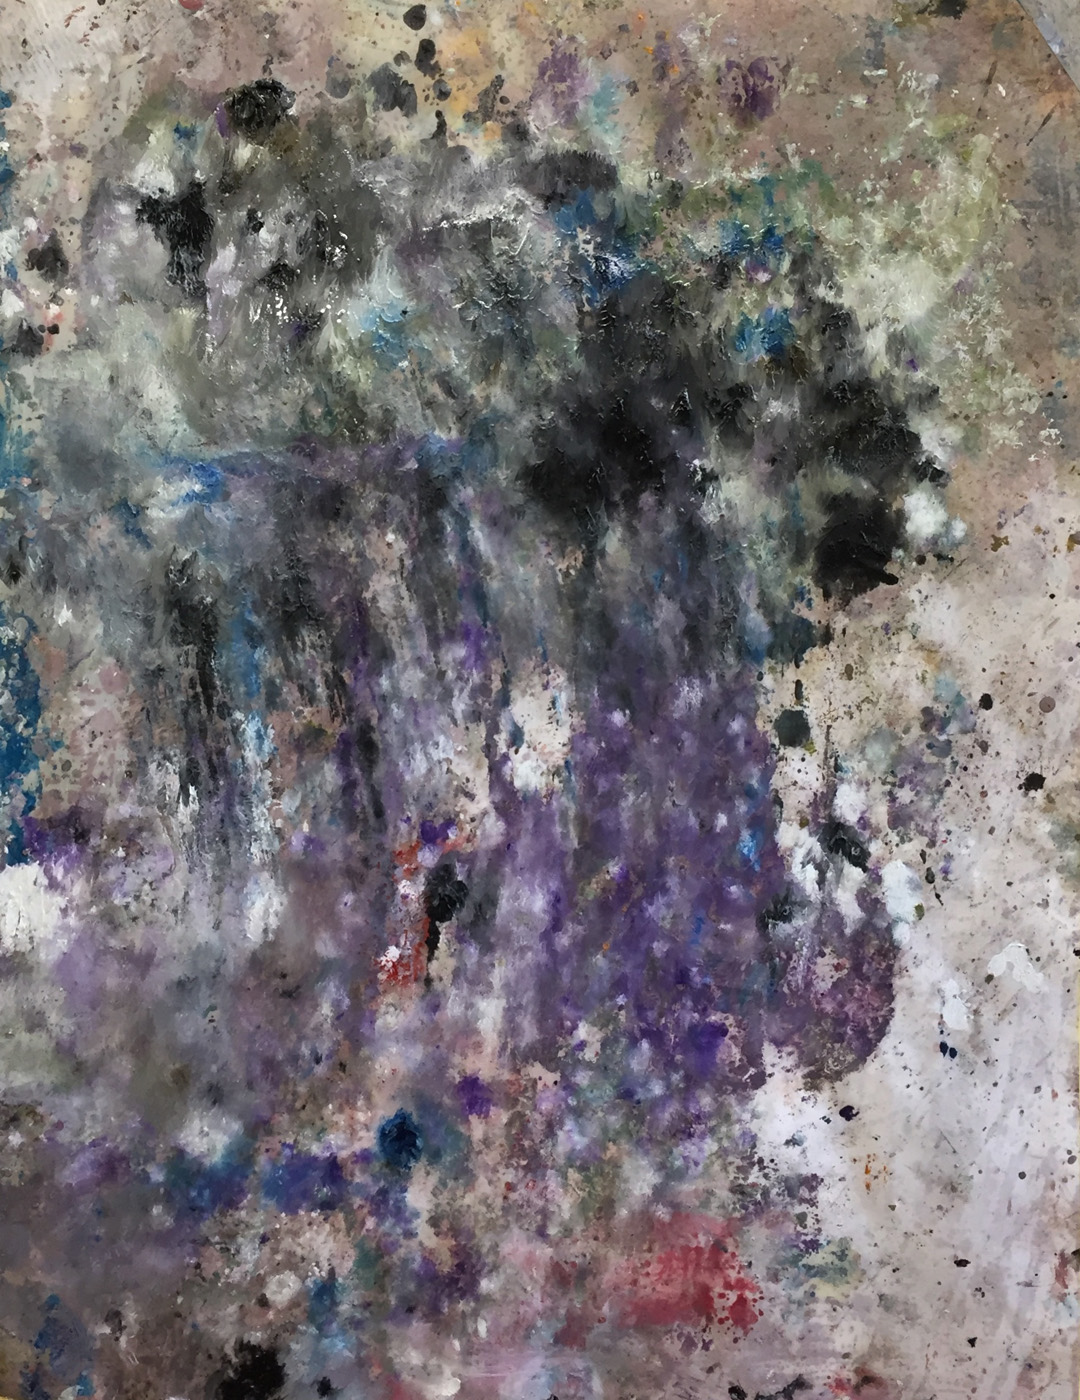 MARC FELD 2020 DÉBARQUE Huile et acrylique sur papier 50 X 65 cm